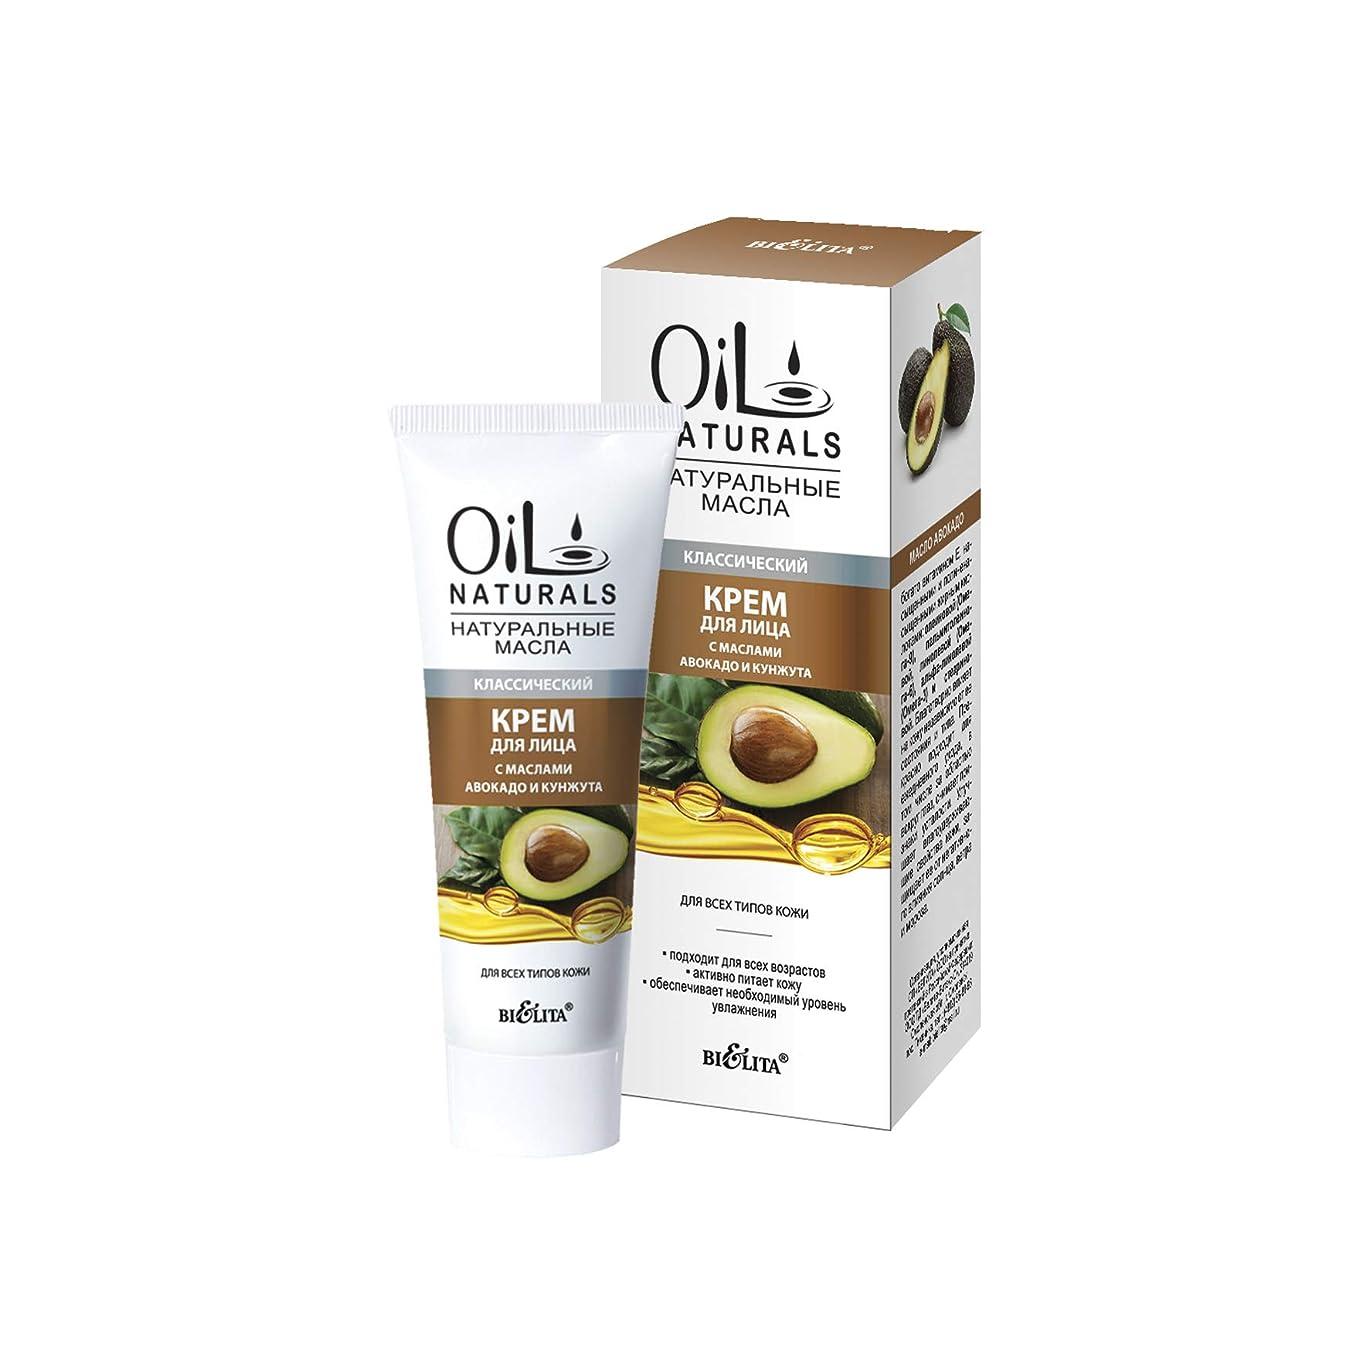 電池泳ぐ遊び場Bielita & Vitex |Oil Naturals Line | Classic Moisturizing Face Cream, for All Skin Types, 50 ml | Avocado Oil, Silk Proteins, Sesame Oil, Vitamins